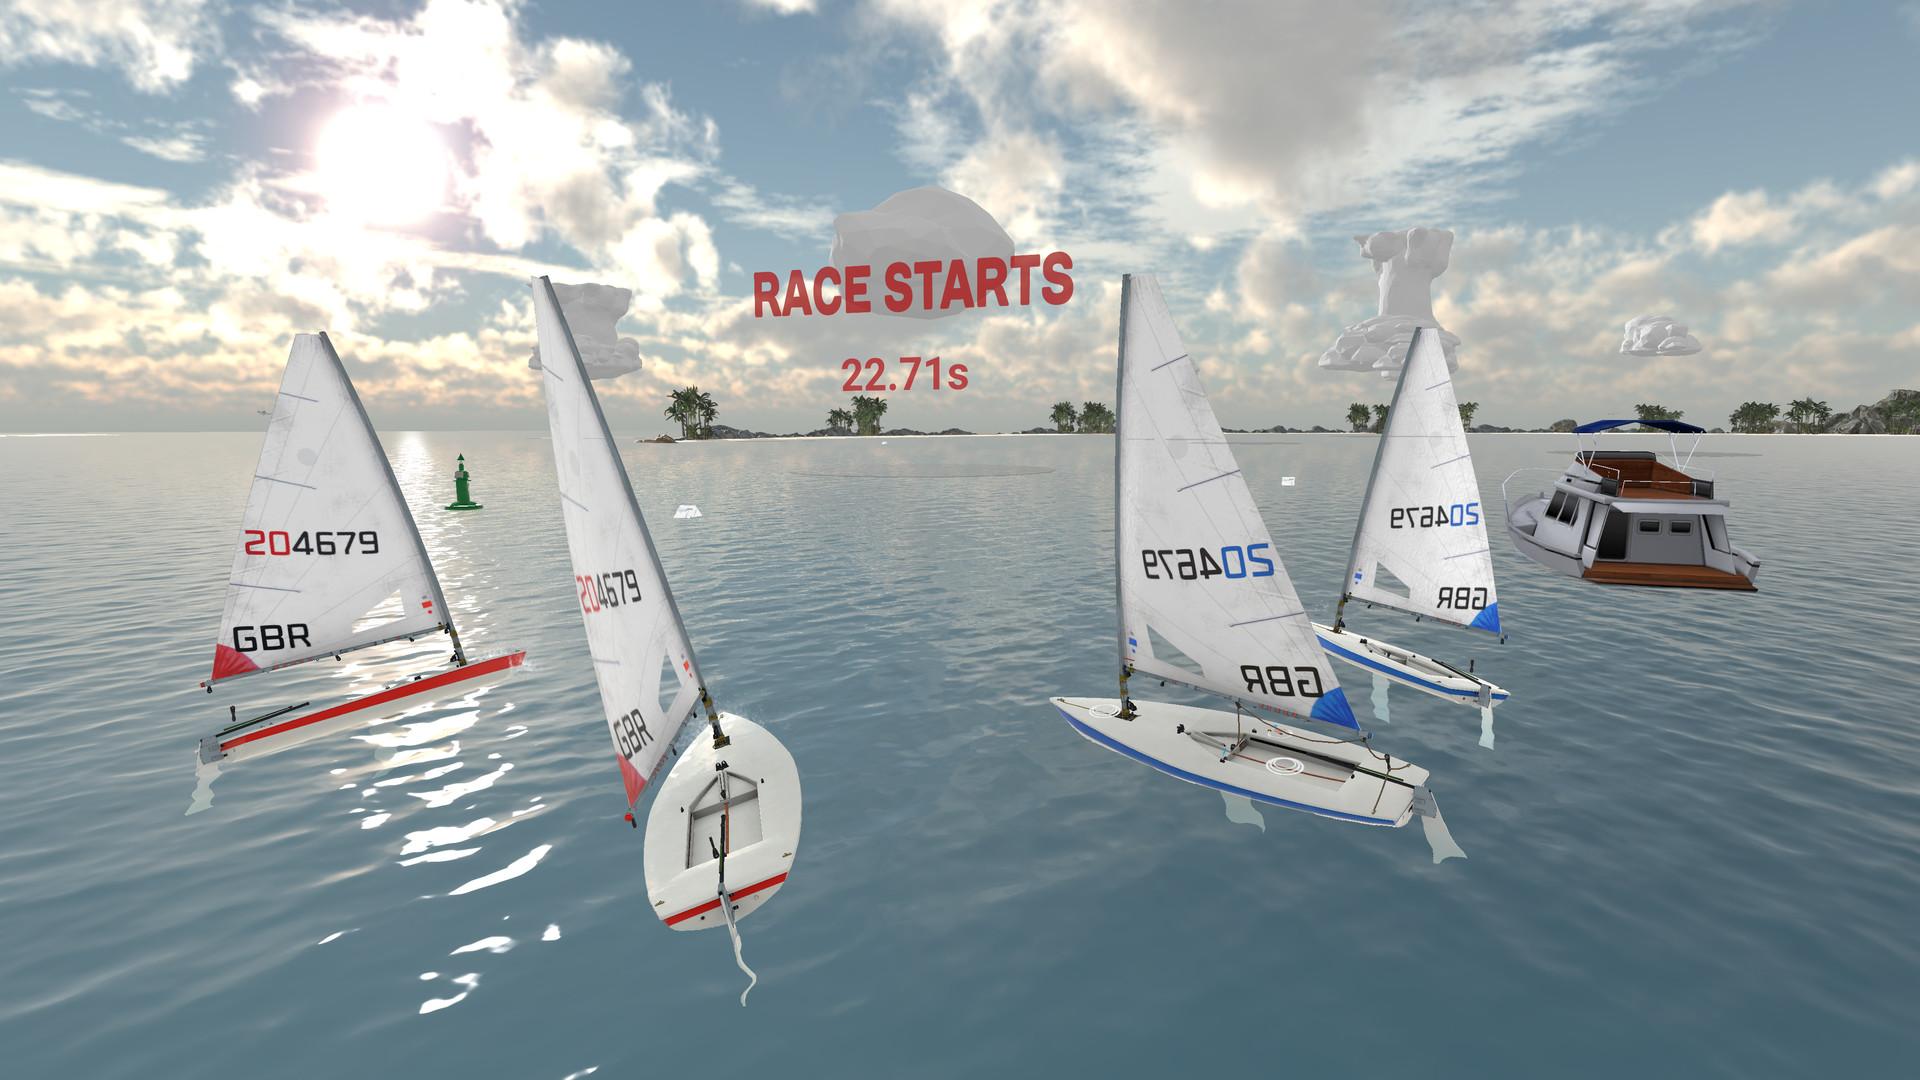 《赛艇模拟VR》(VR Regatta)-古风游戏资源网